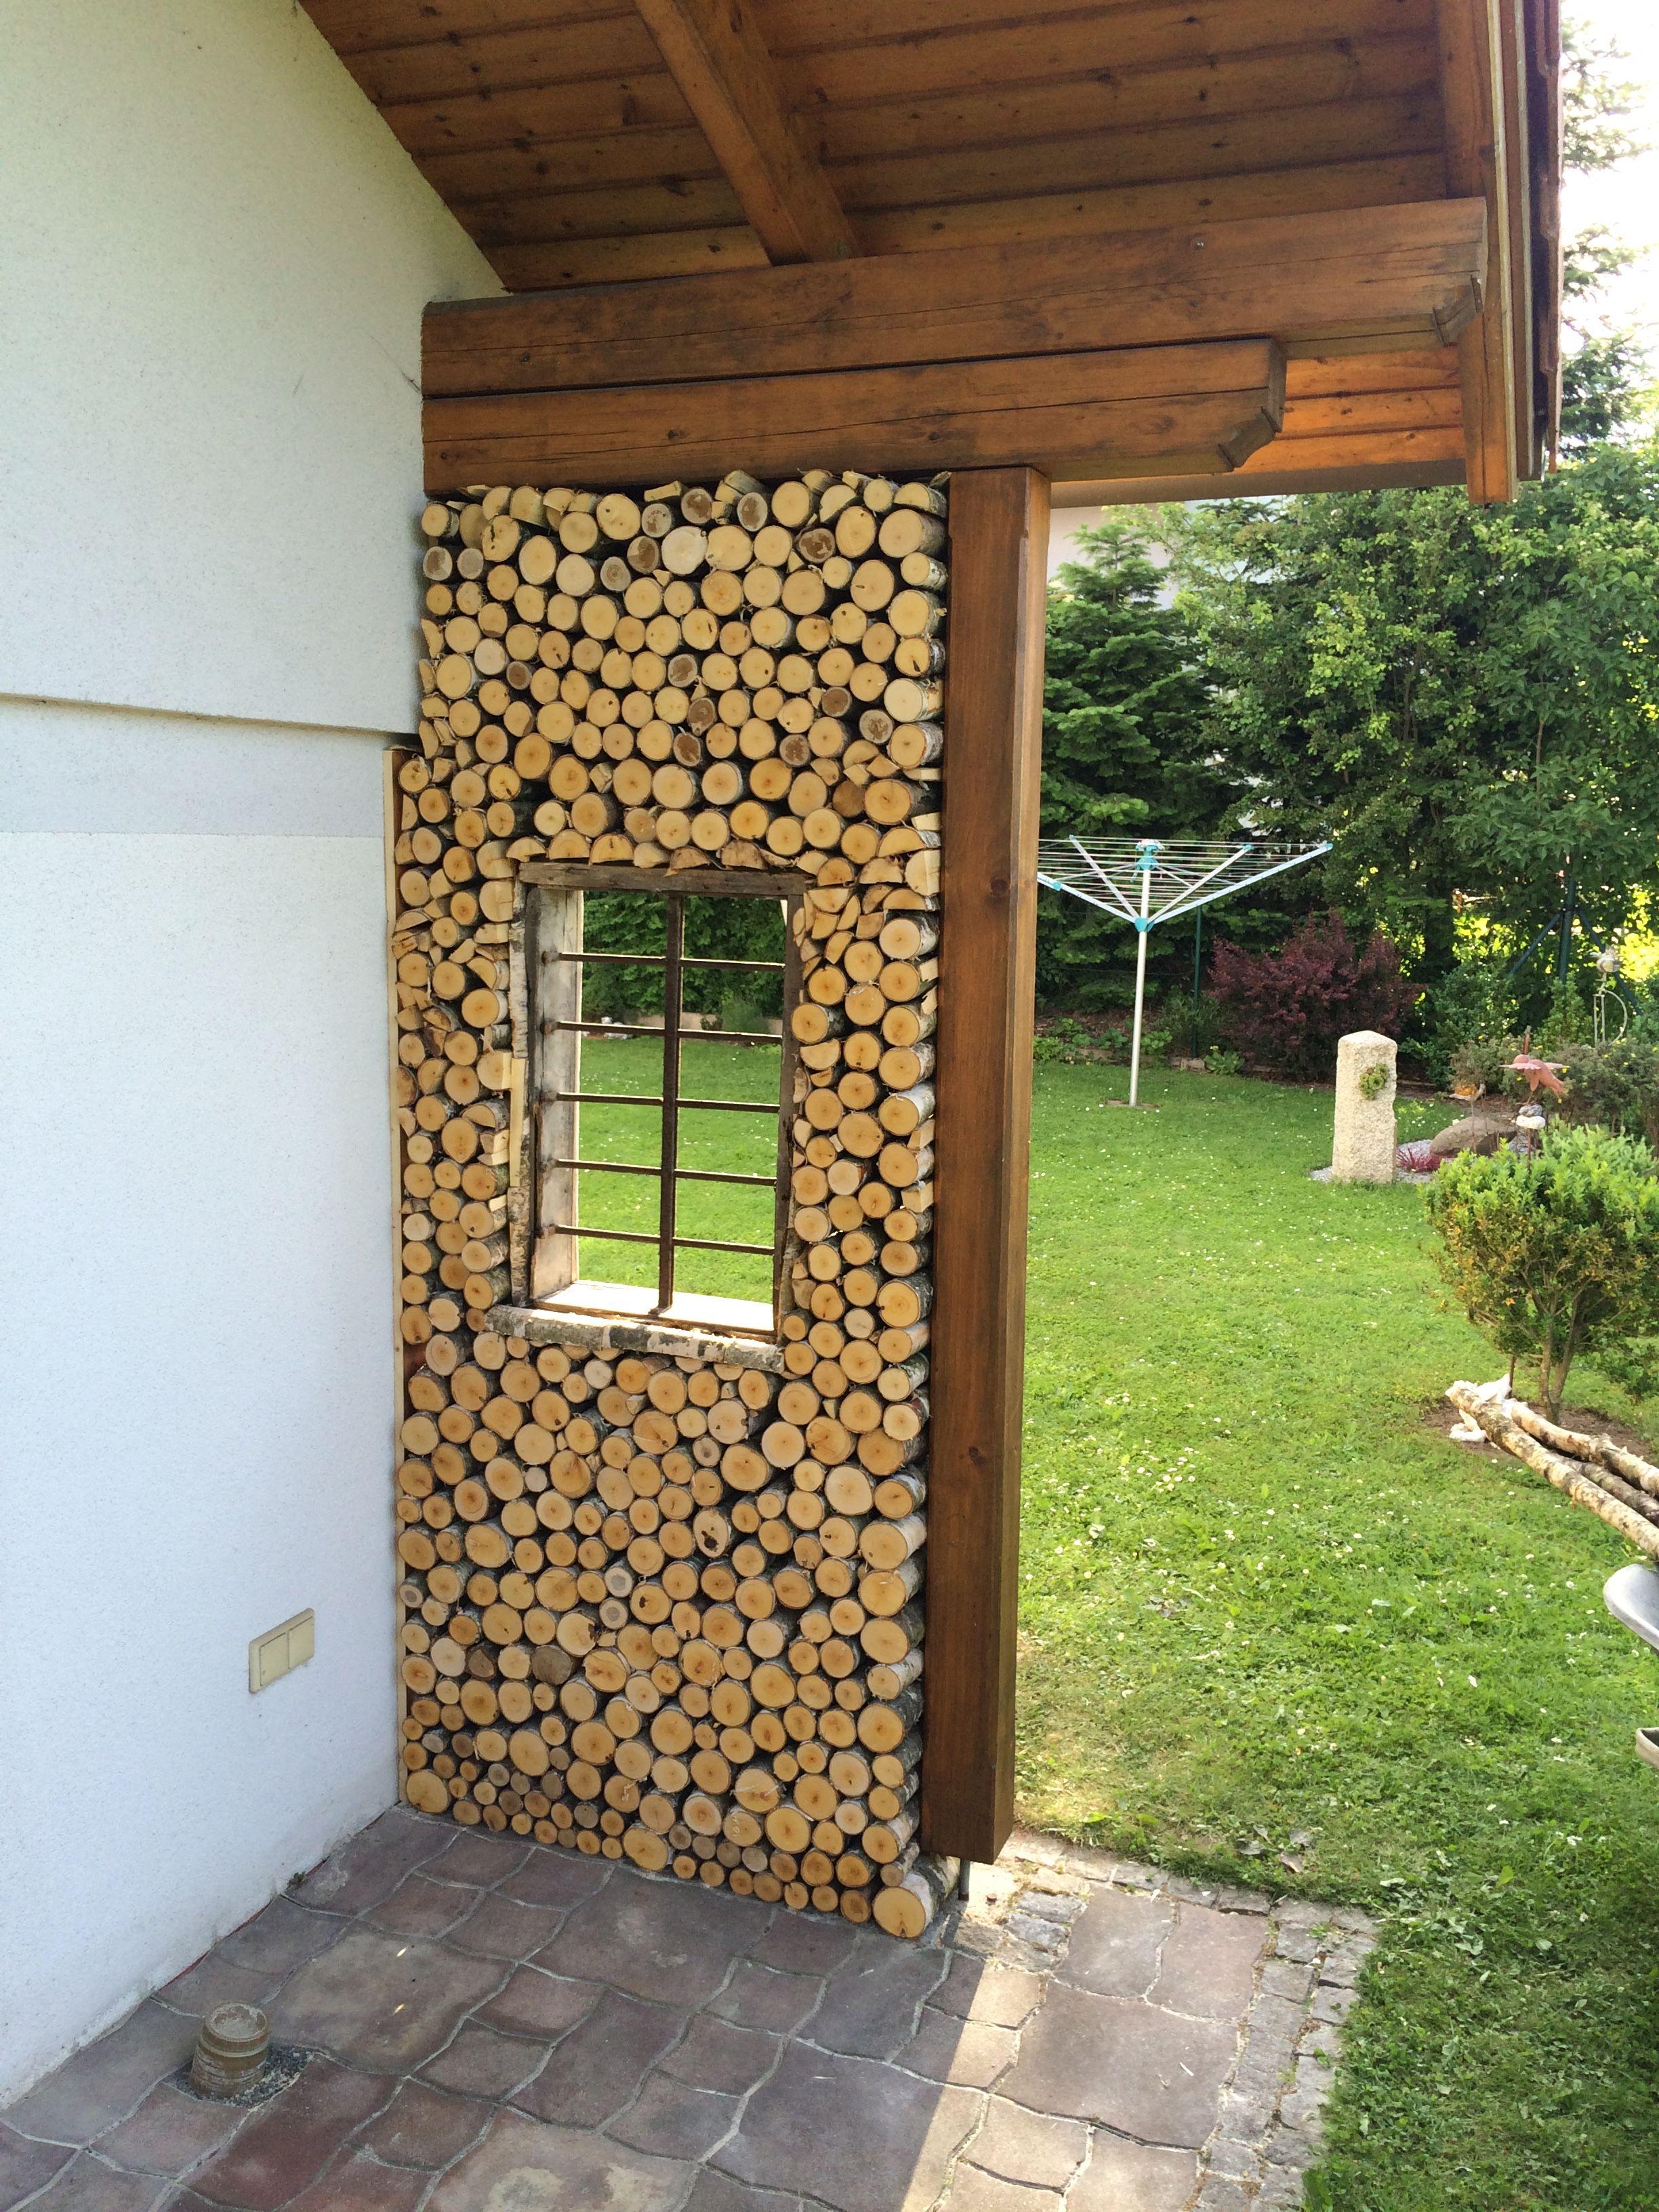 fertige wand aus birkenholz-dekorativ im garten | puutarha ja piha